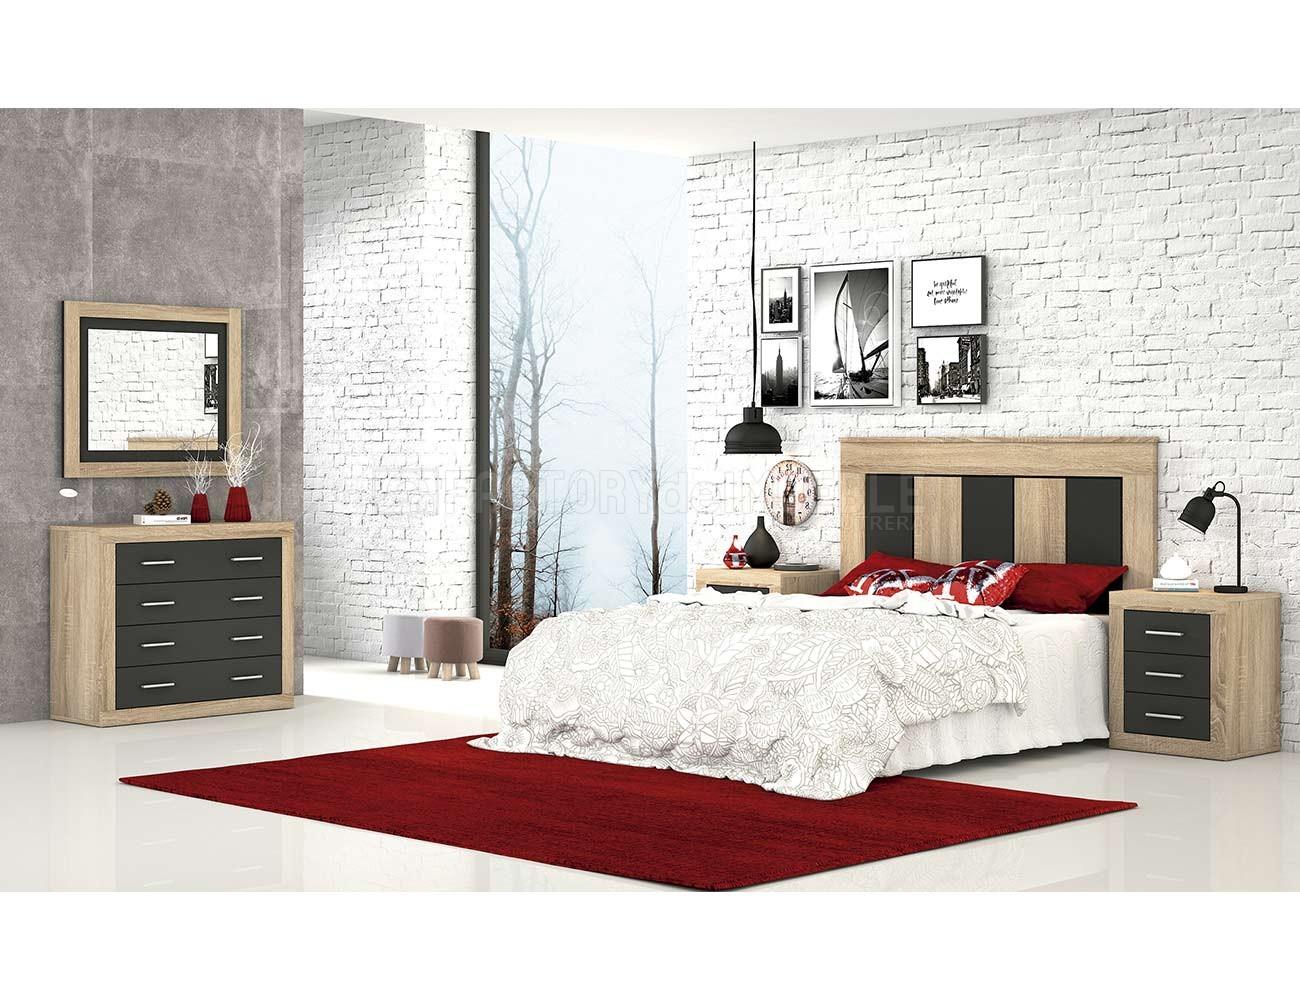 Dormitorio moderno cambria grafito 41